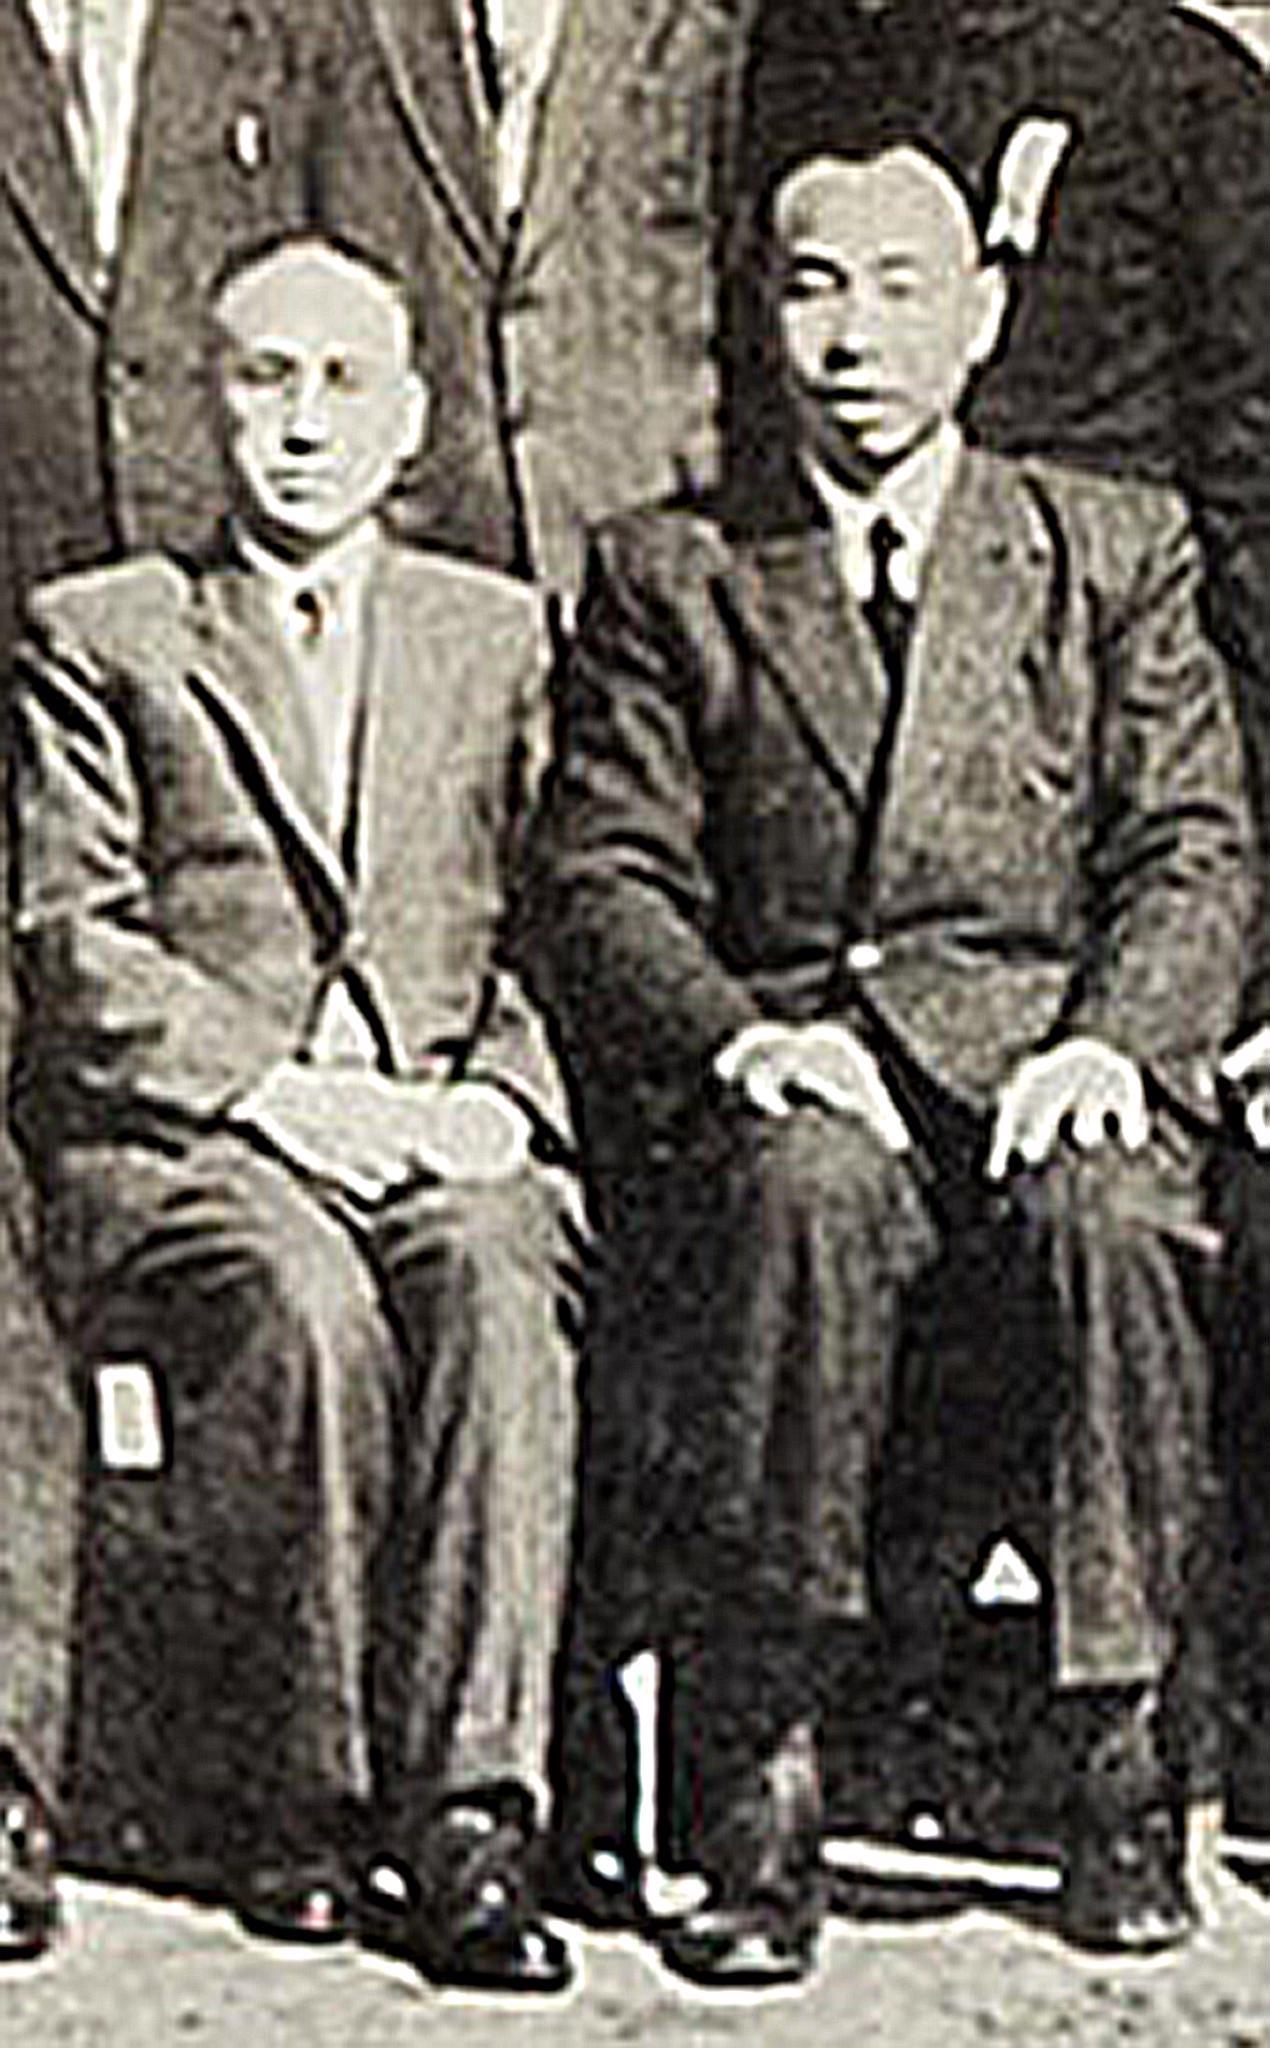 通稿照片-聯華神通集團創辦人苗育秀先生(右)與中原大學創辦人張靜愚先生早年相知.jpg